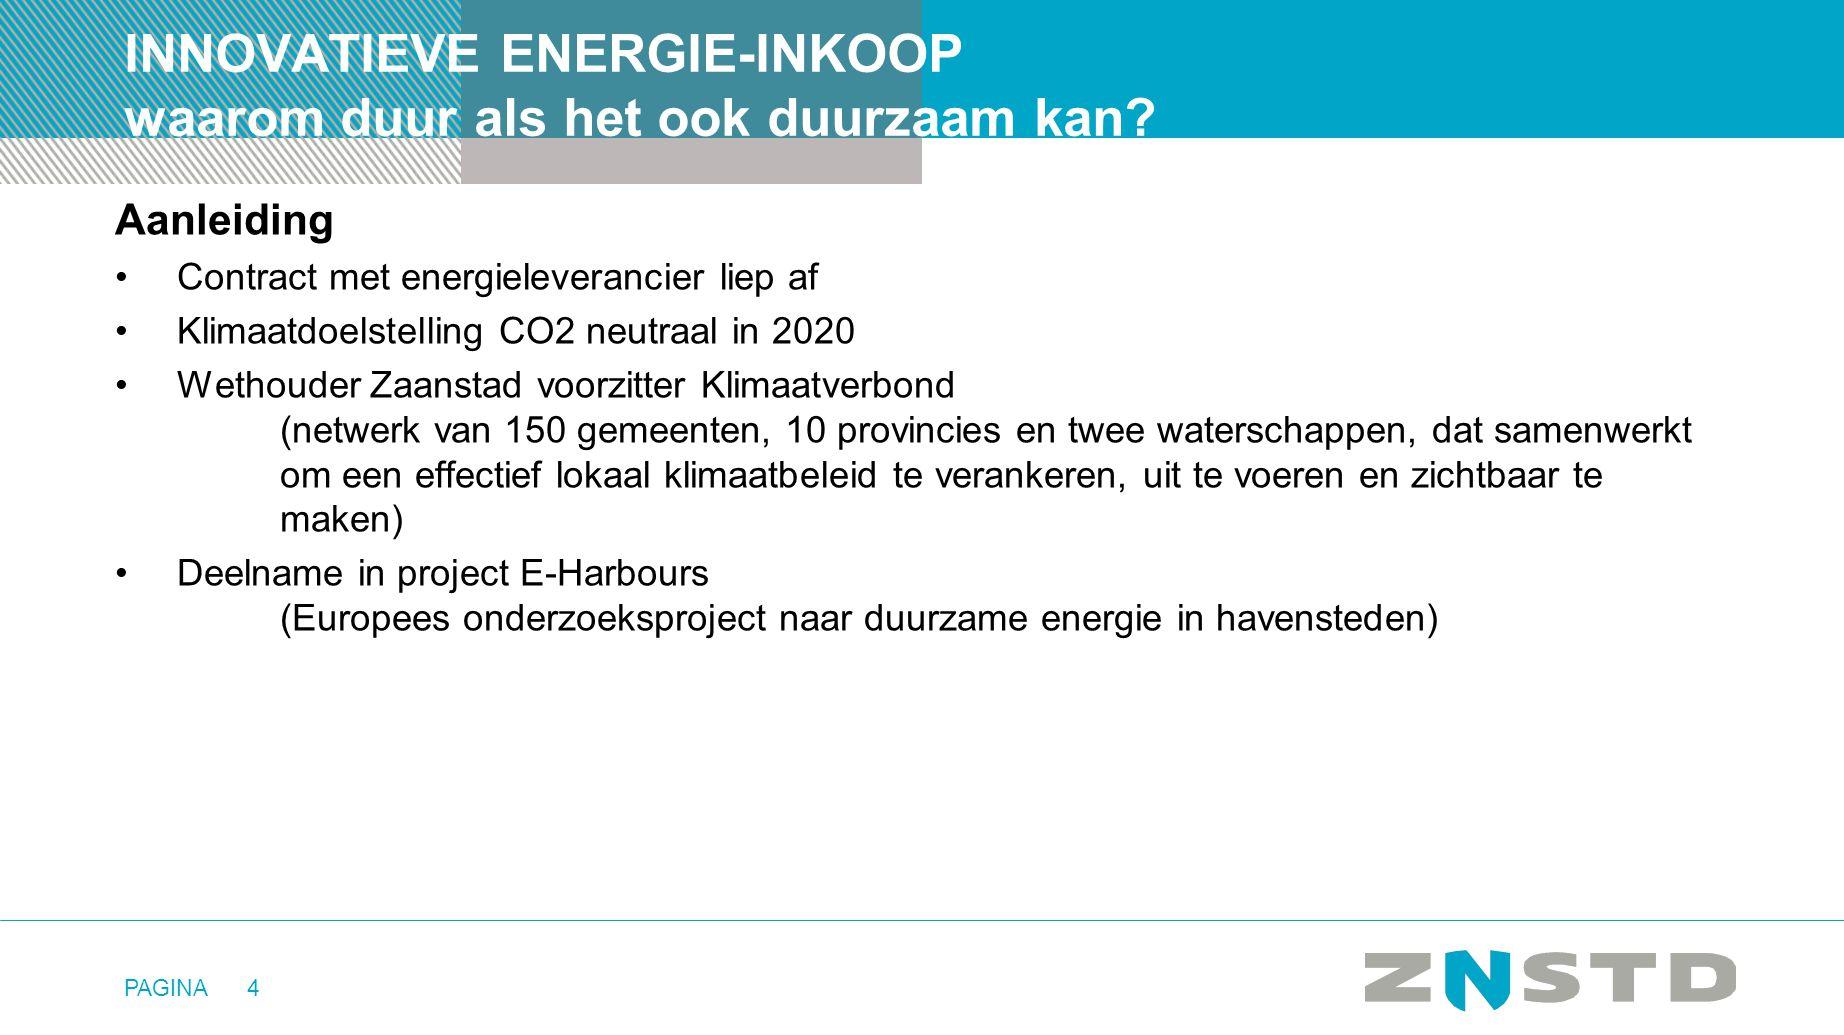 PAGINA4 INNOVATIEVE ENERGIE-INKOOP waarom duur als het ook duurzaam kan? Aanleiding •Contract met energieleverancier liep af •Klimaatdoelstelling CO2